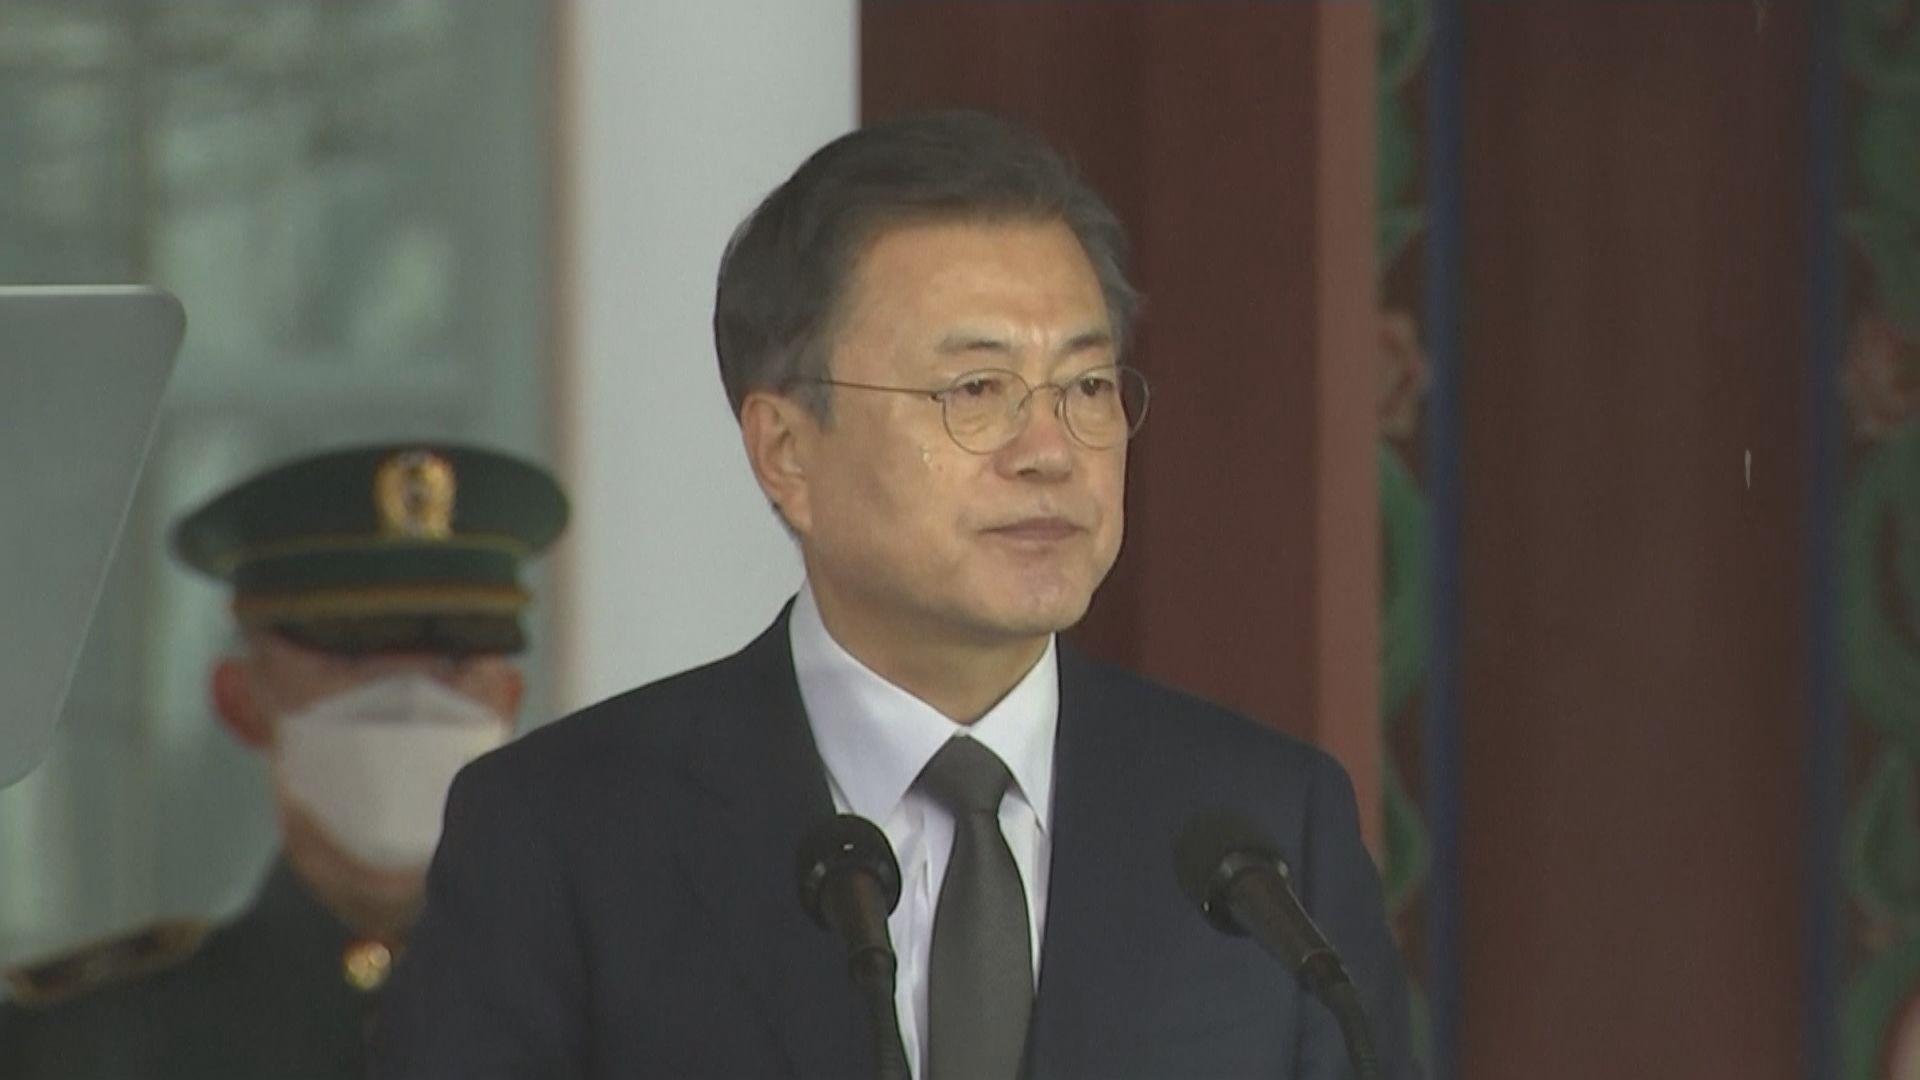 文在寅:南韓準備好隨時與日本對話 討論歷史問題